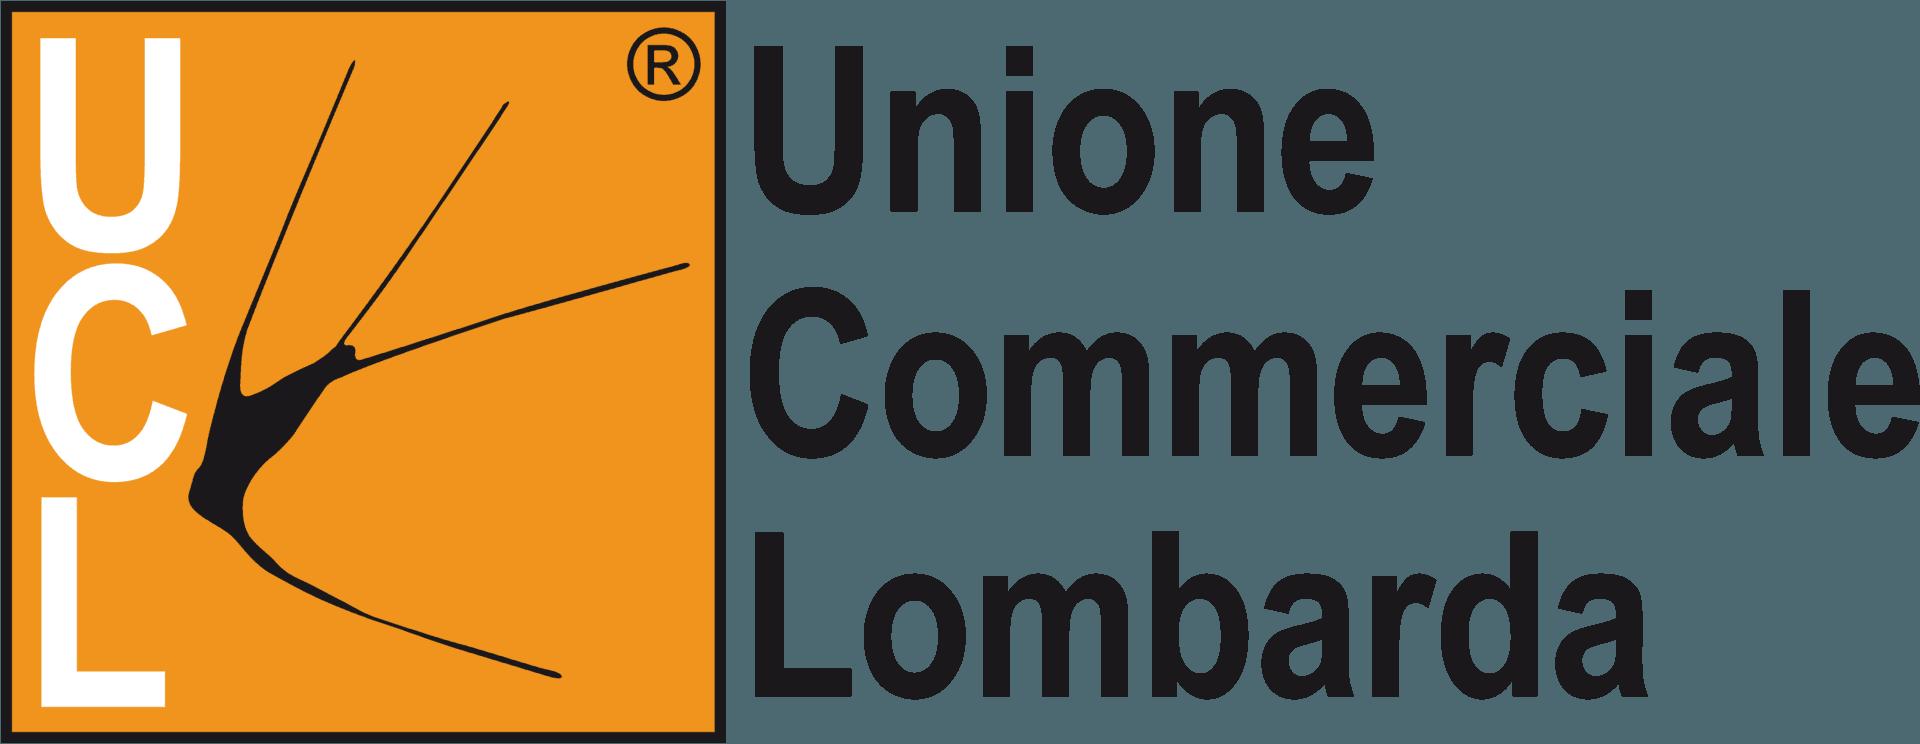 unione commerciale lombarda - logo